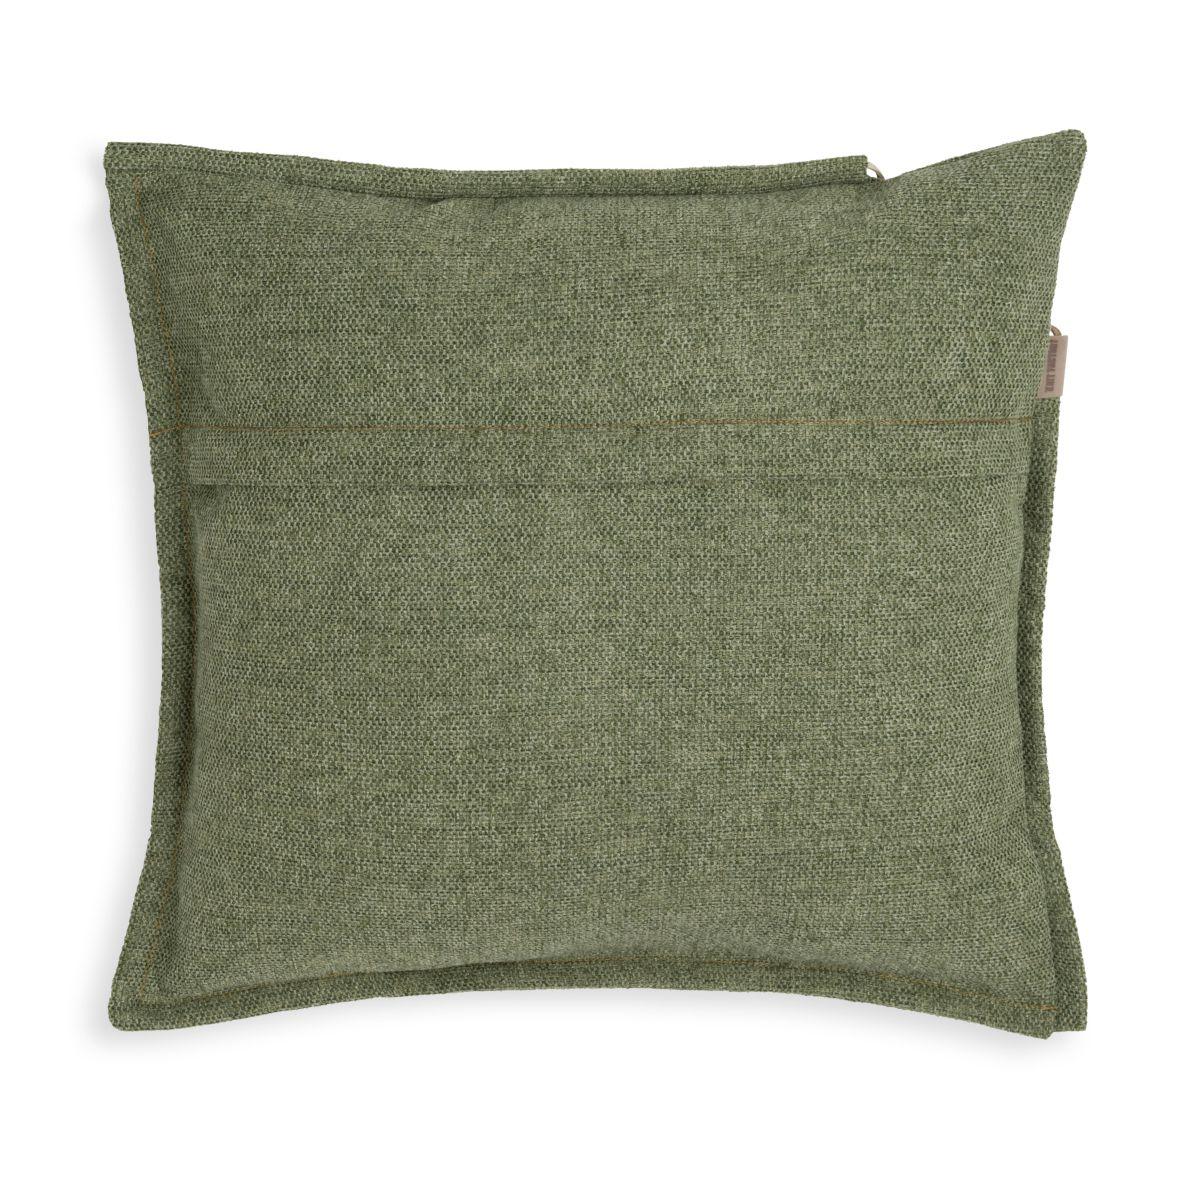 knit factory kf153012014 imre kussen groen 50x50 2